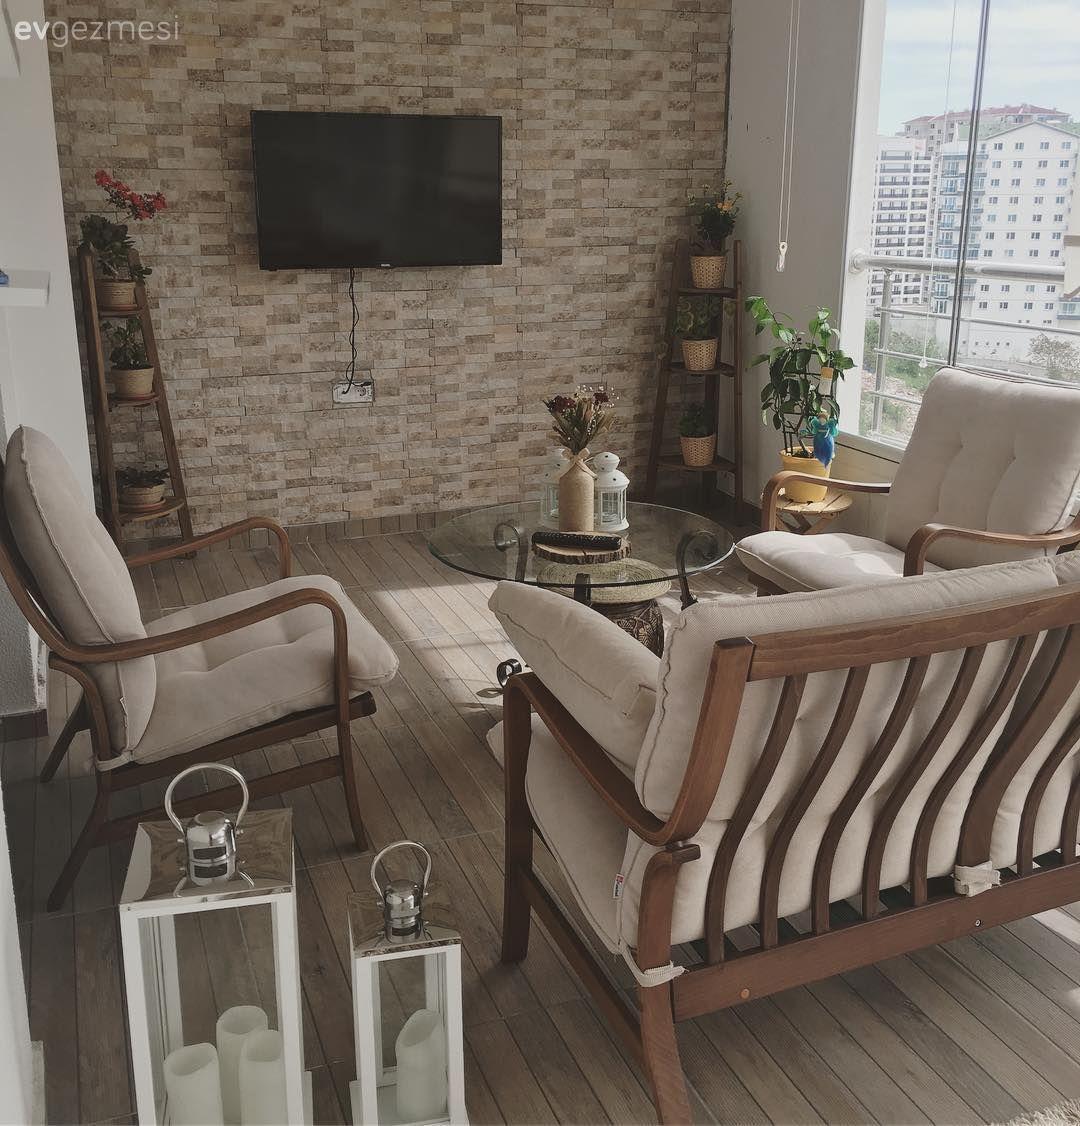 Doğal detaylar, toprak renkler ile.. Konforlu ve sıcak bir ev! #outdoorbalcony